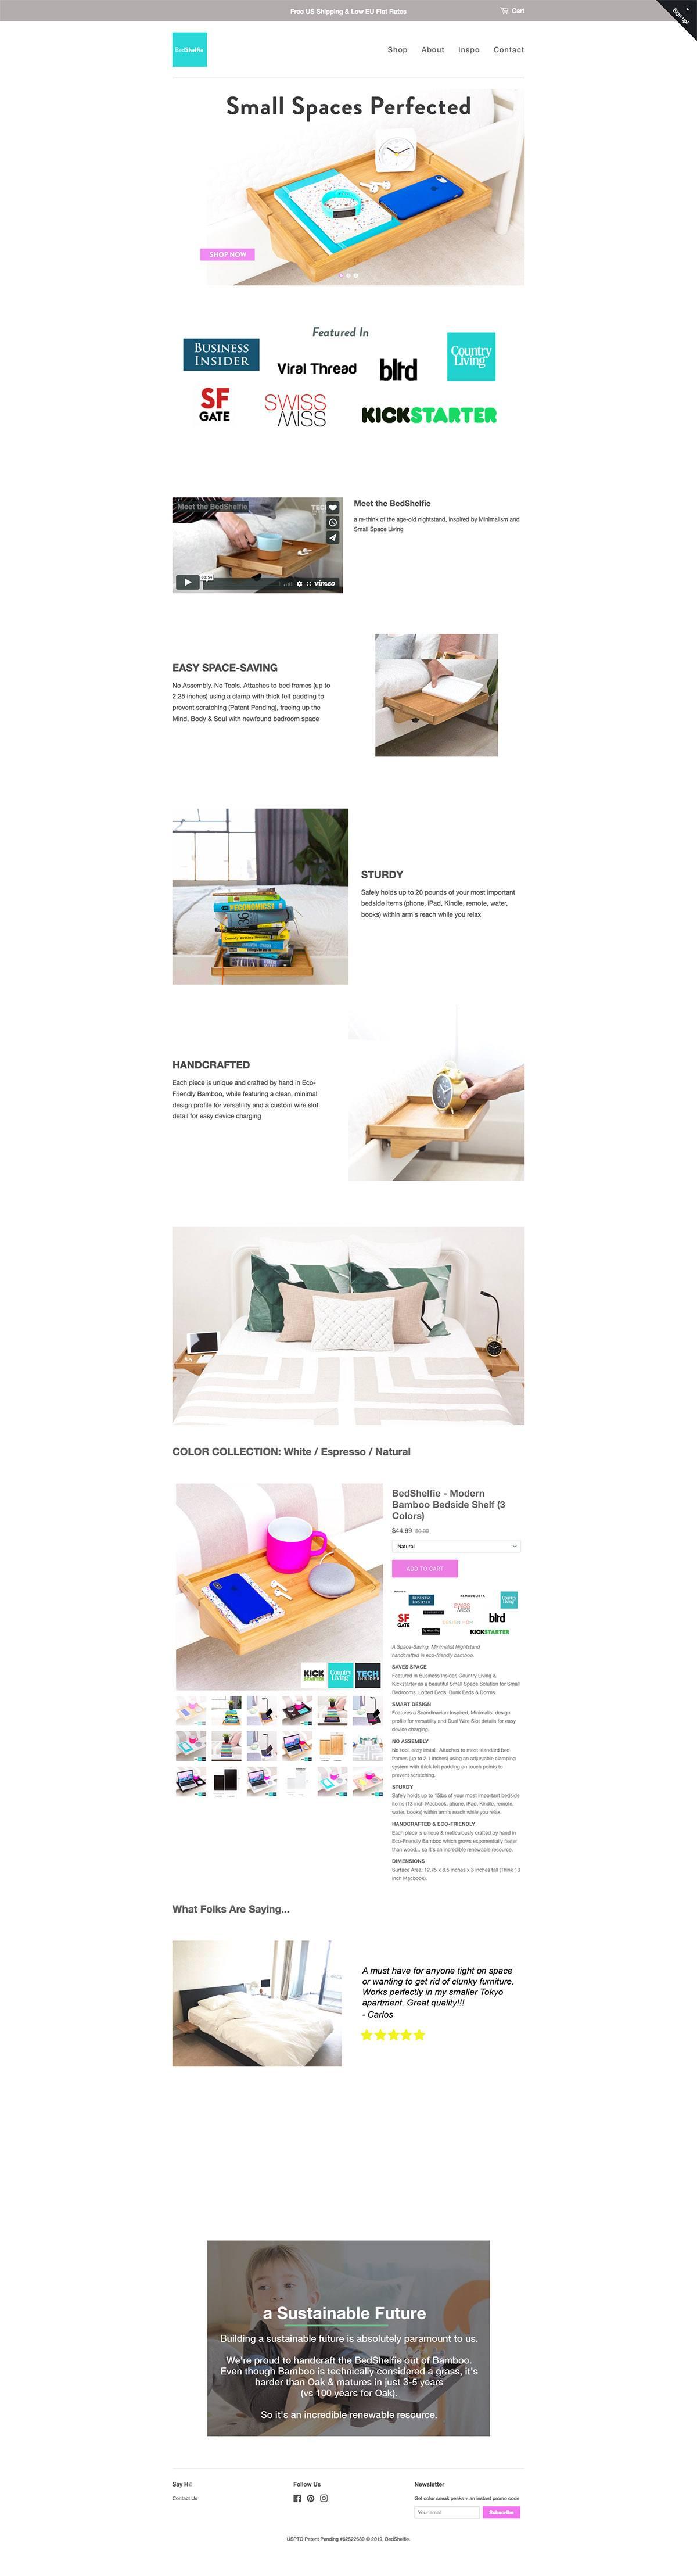 eCommerce website: BedShelfie